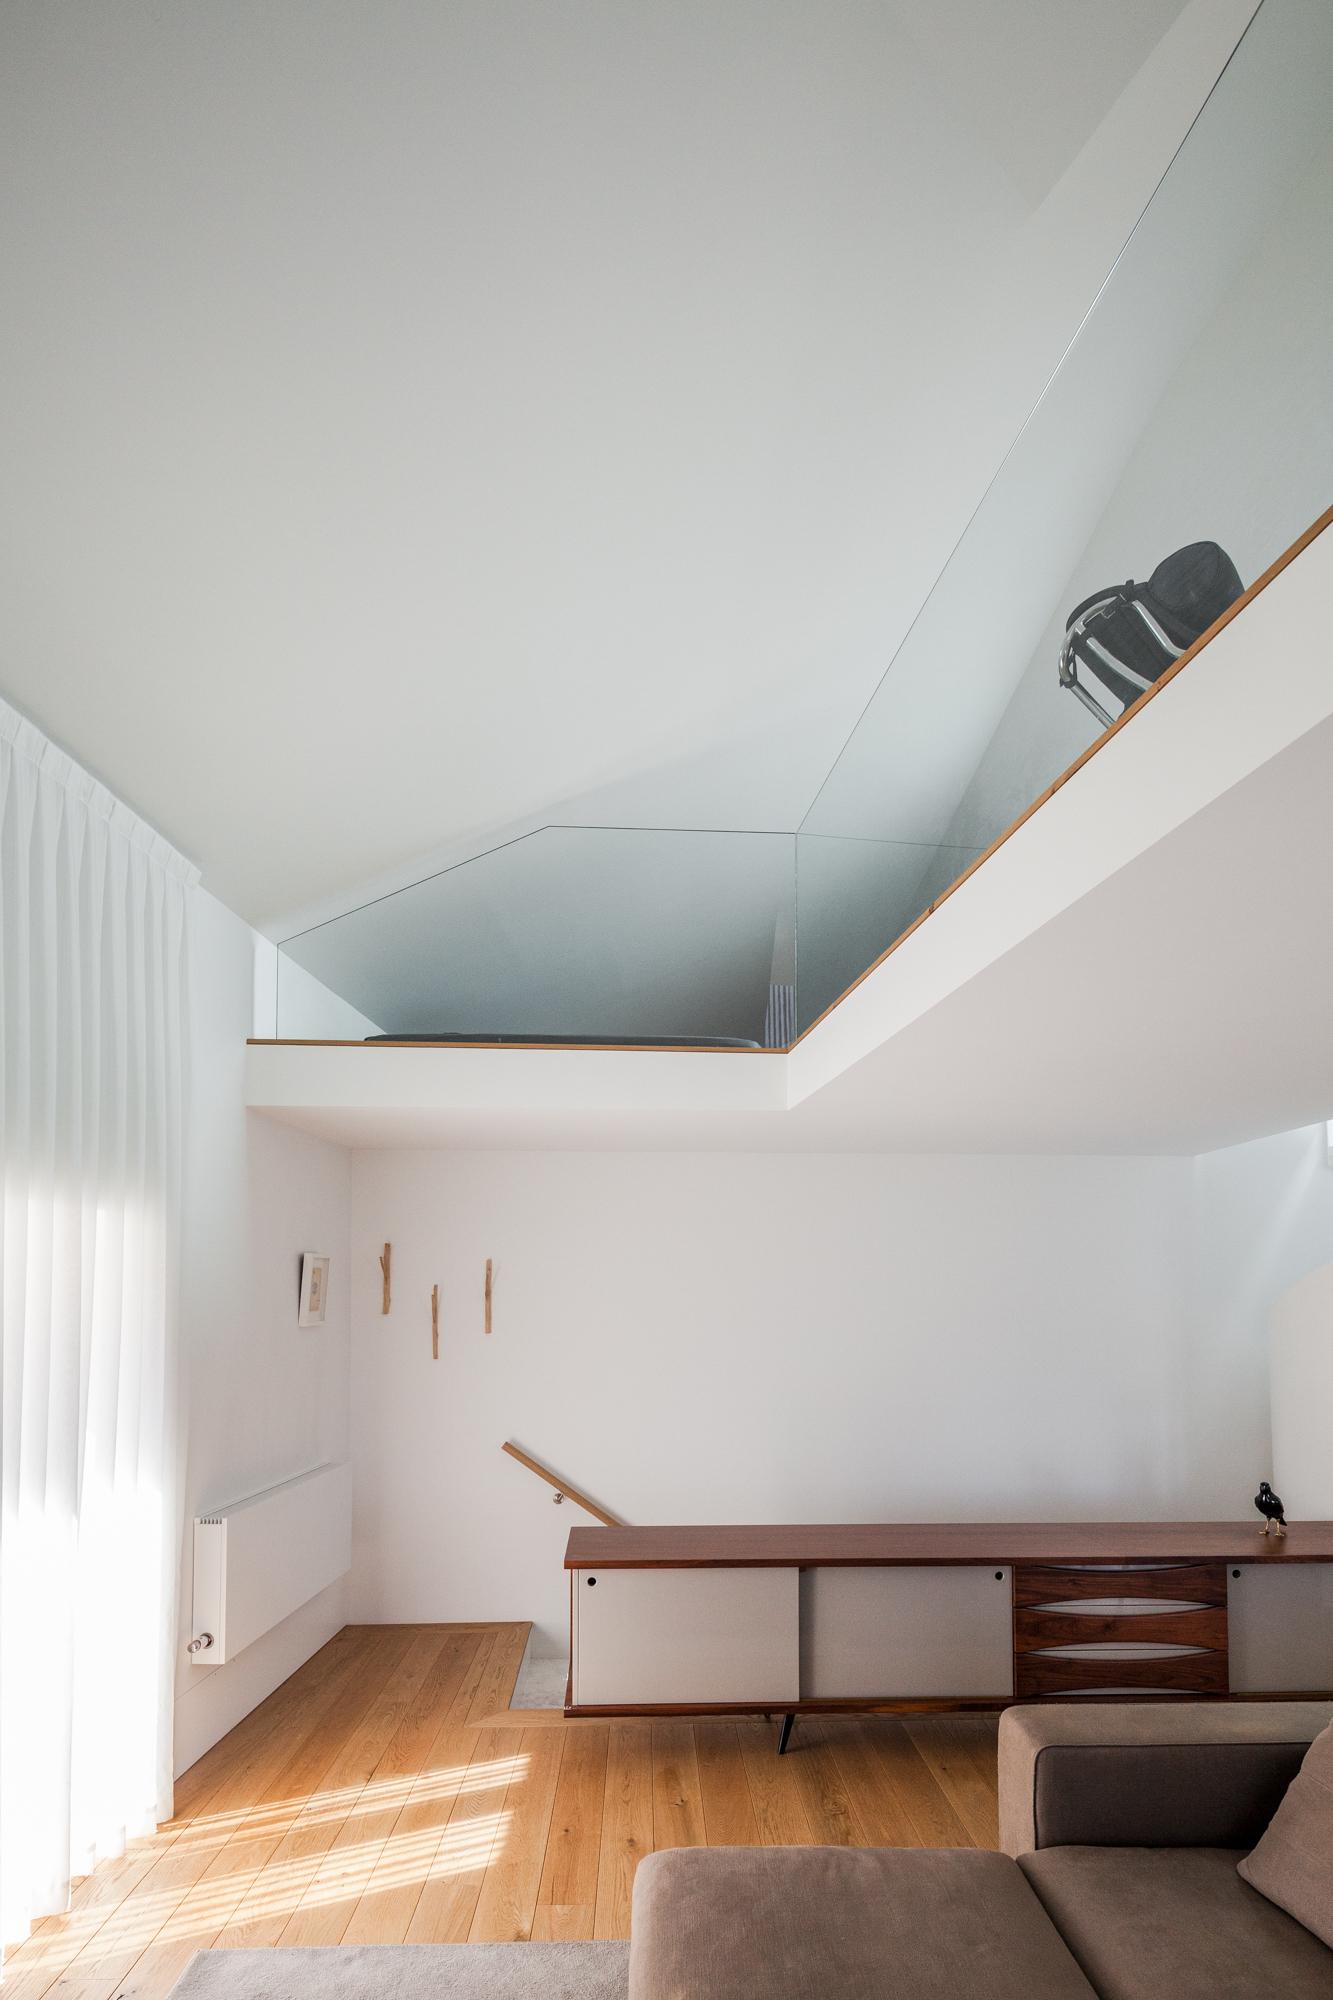 JM_EdificioGagoCoutinho_052.jpg